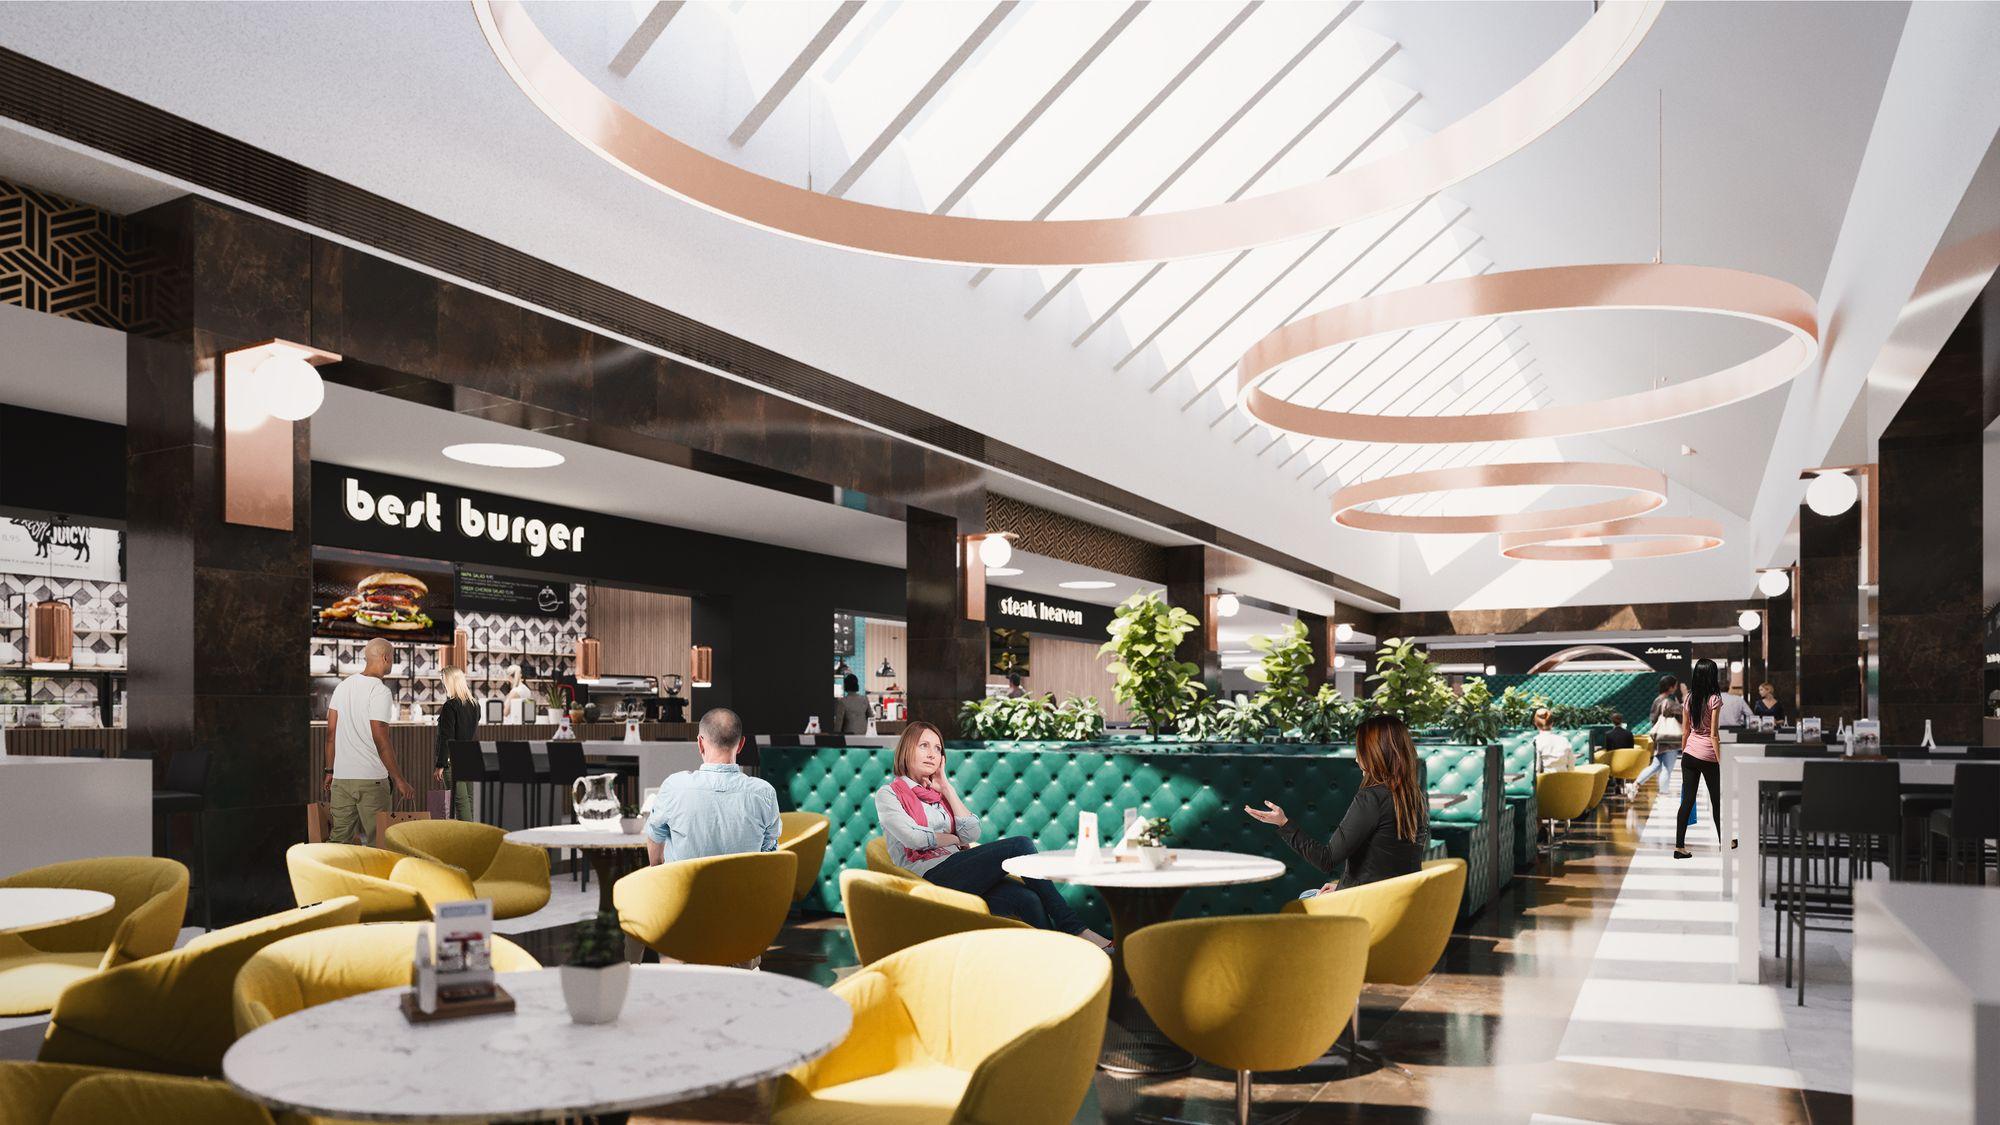 7513_kroh&partner_krakow-plaza_interior_food court.jpg